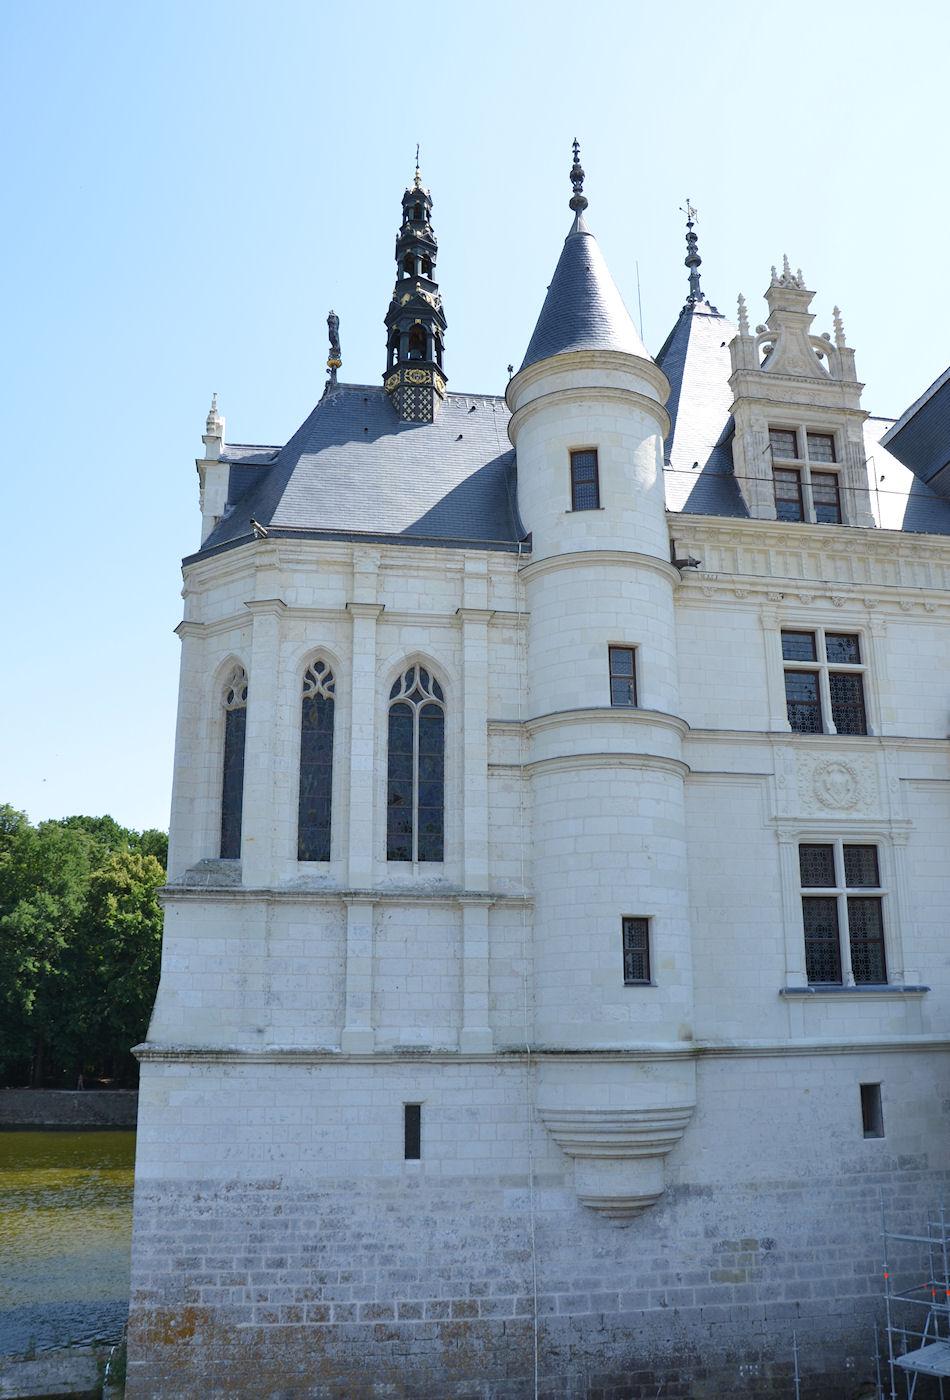 De la chapelle du ch teau de versailles prise du c t de - Plafond de la chapelle sixtine description ...